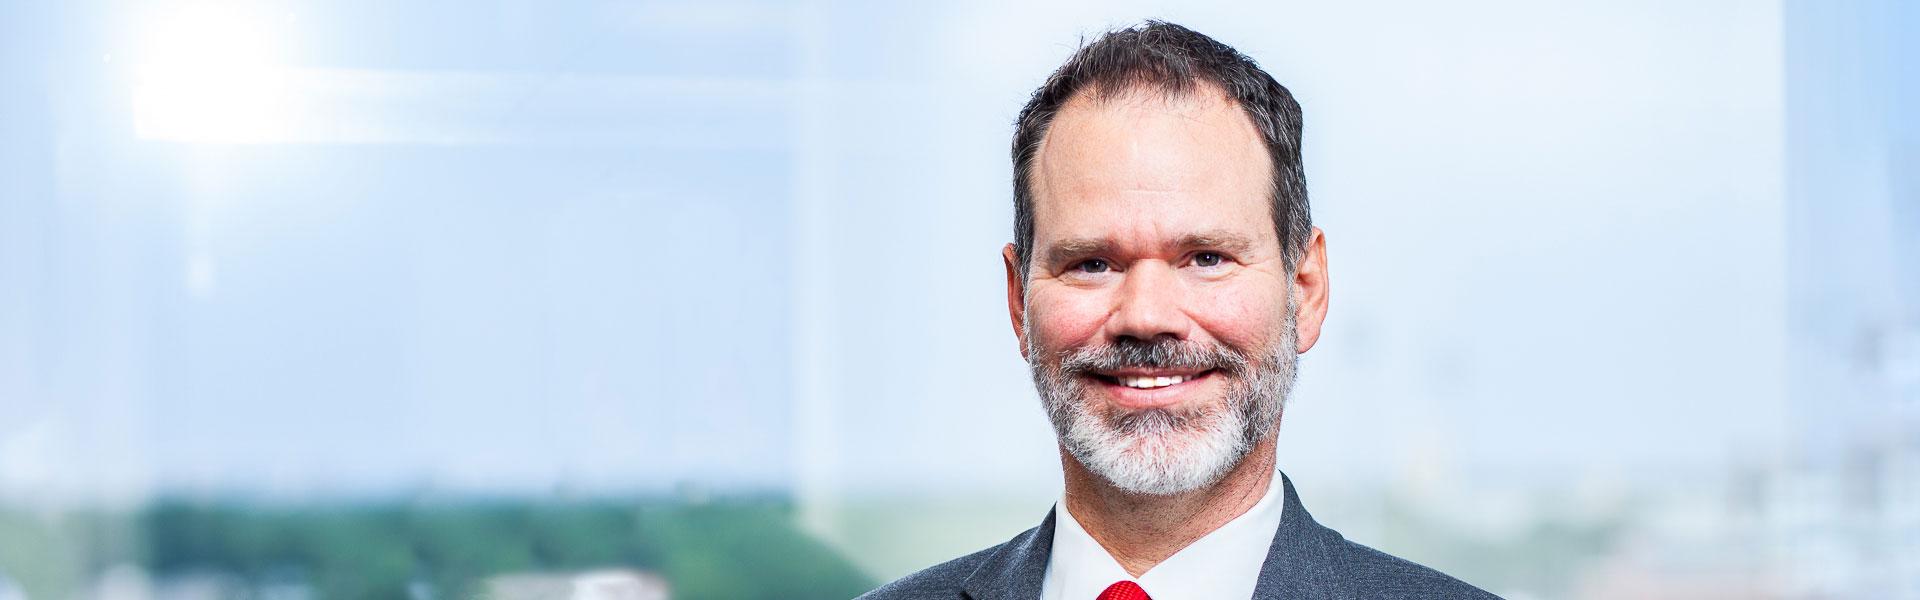 clayton-hearn-equity-shareholder